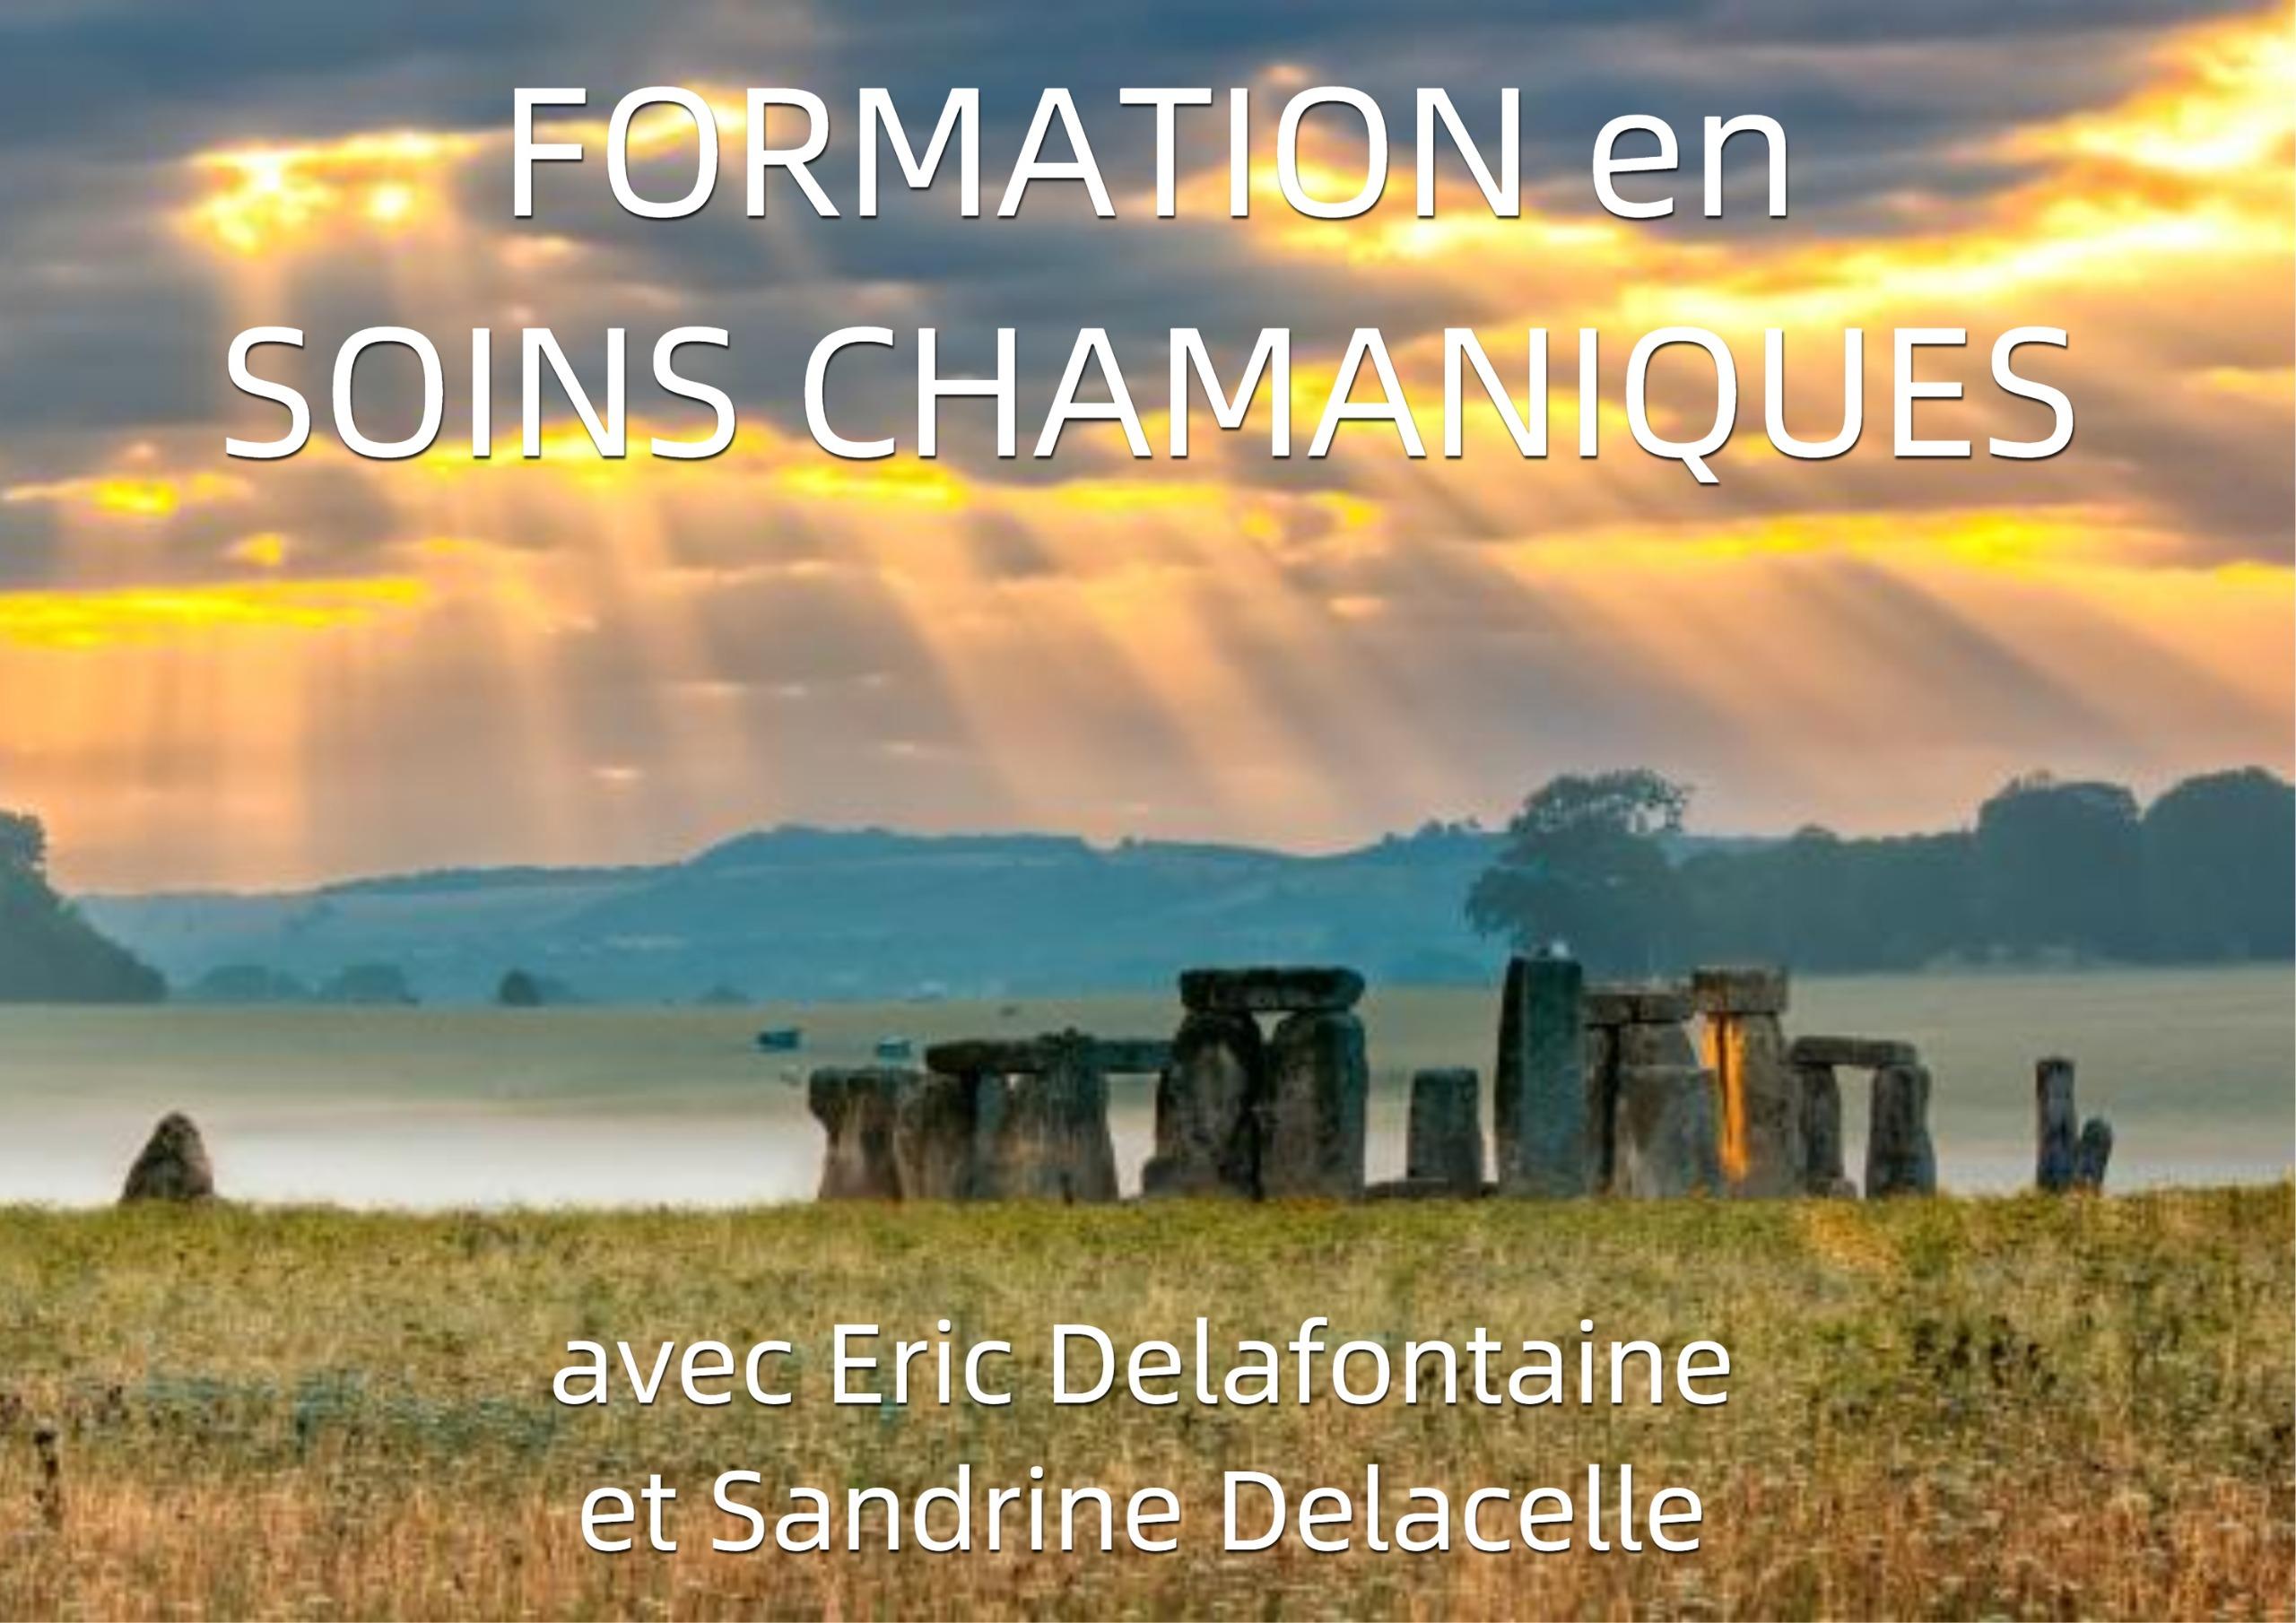 formation soins chamaniques Delafontaine Delacelle